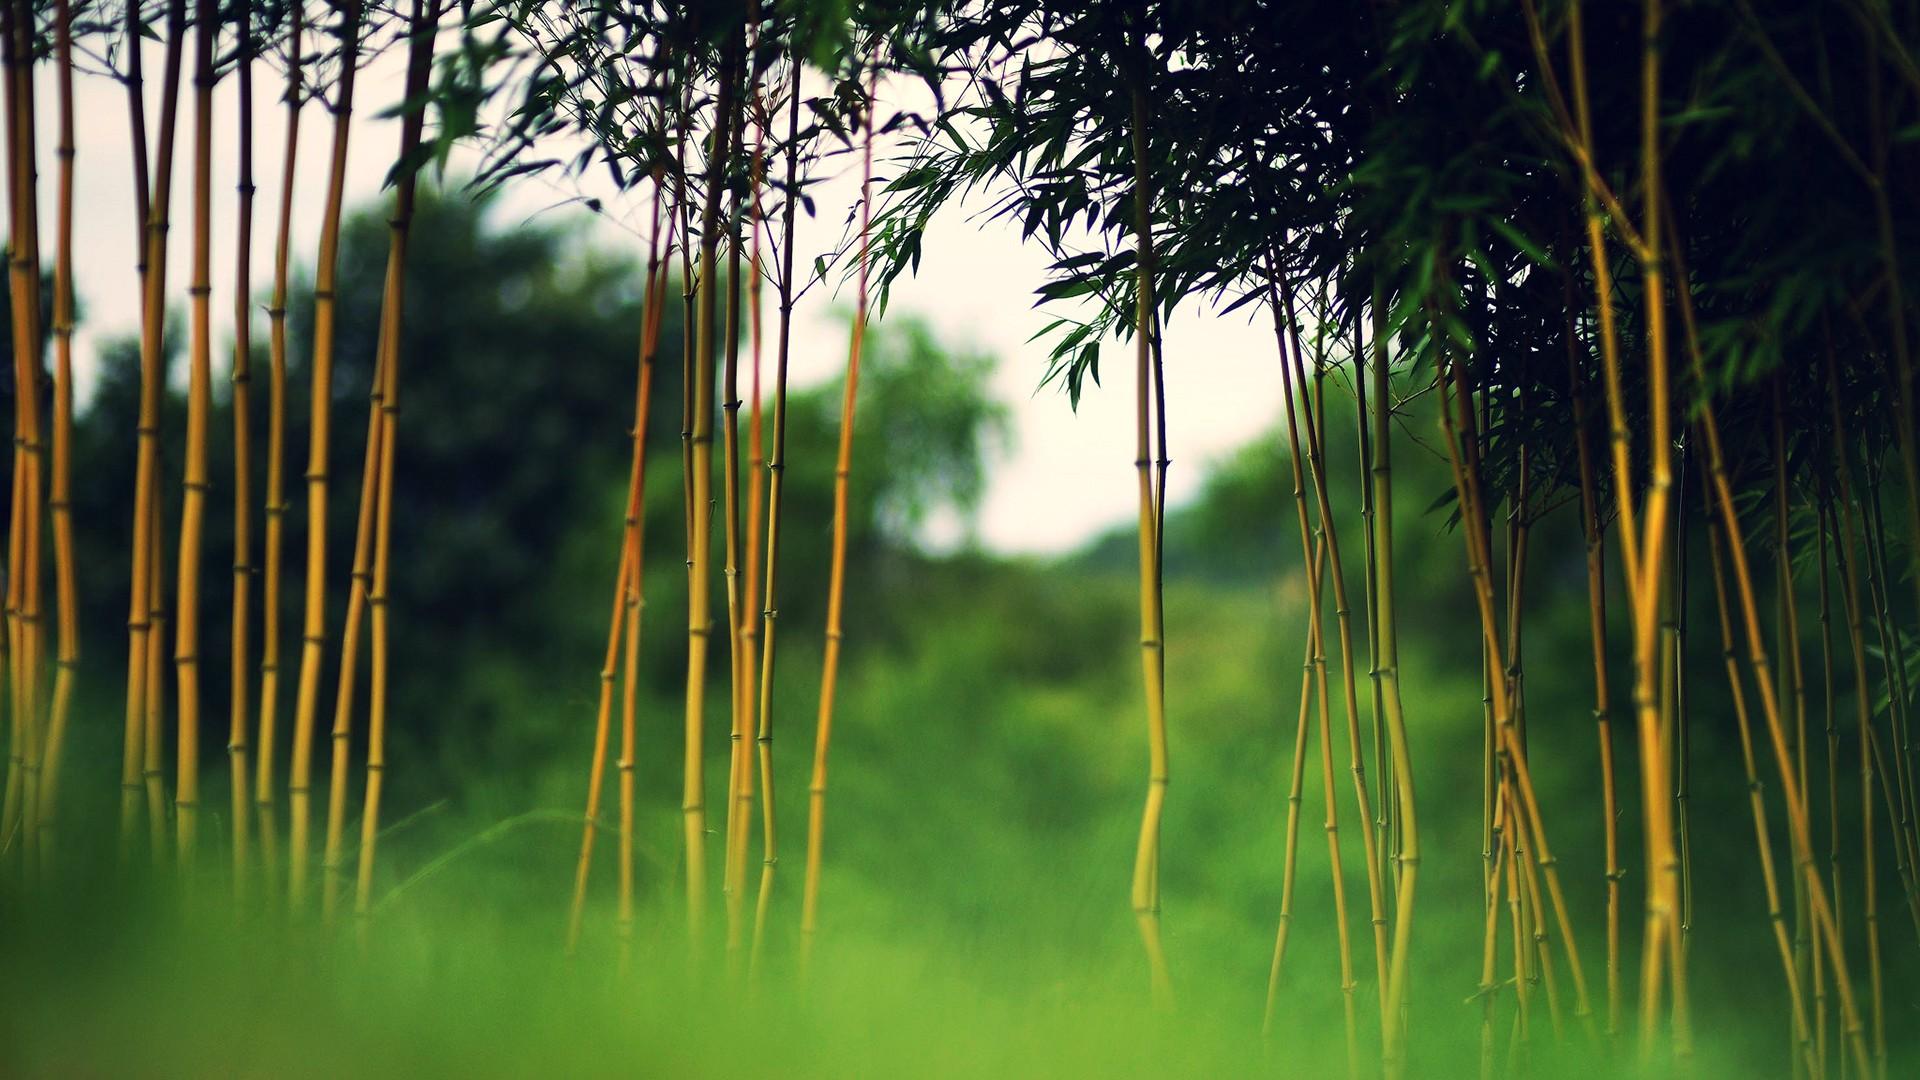 Fall Anime Wallpaper Bamboo Forest Hd Wallpaper Pixelstalk Net